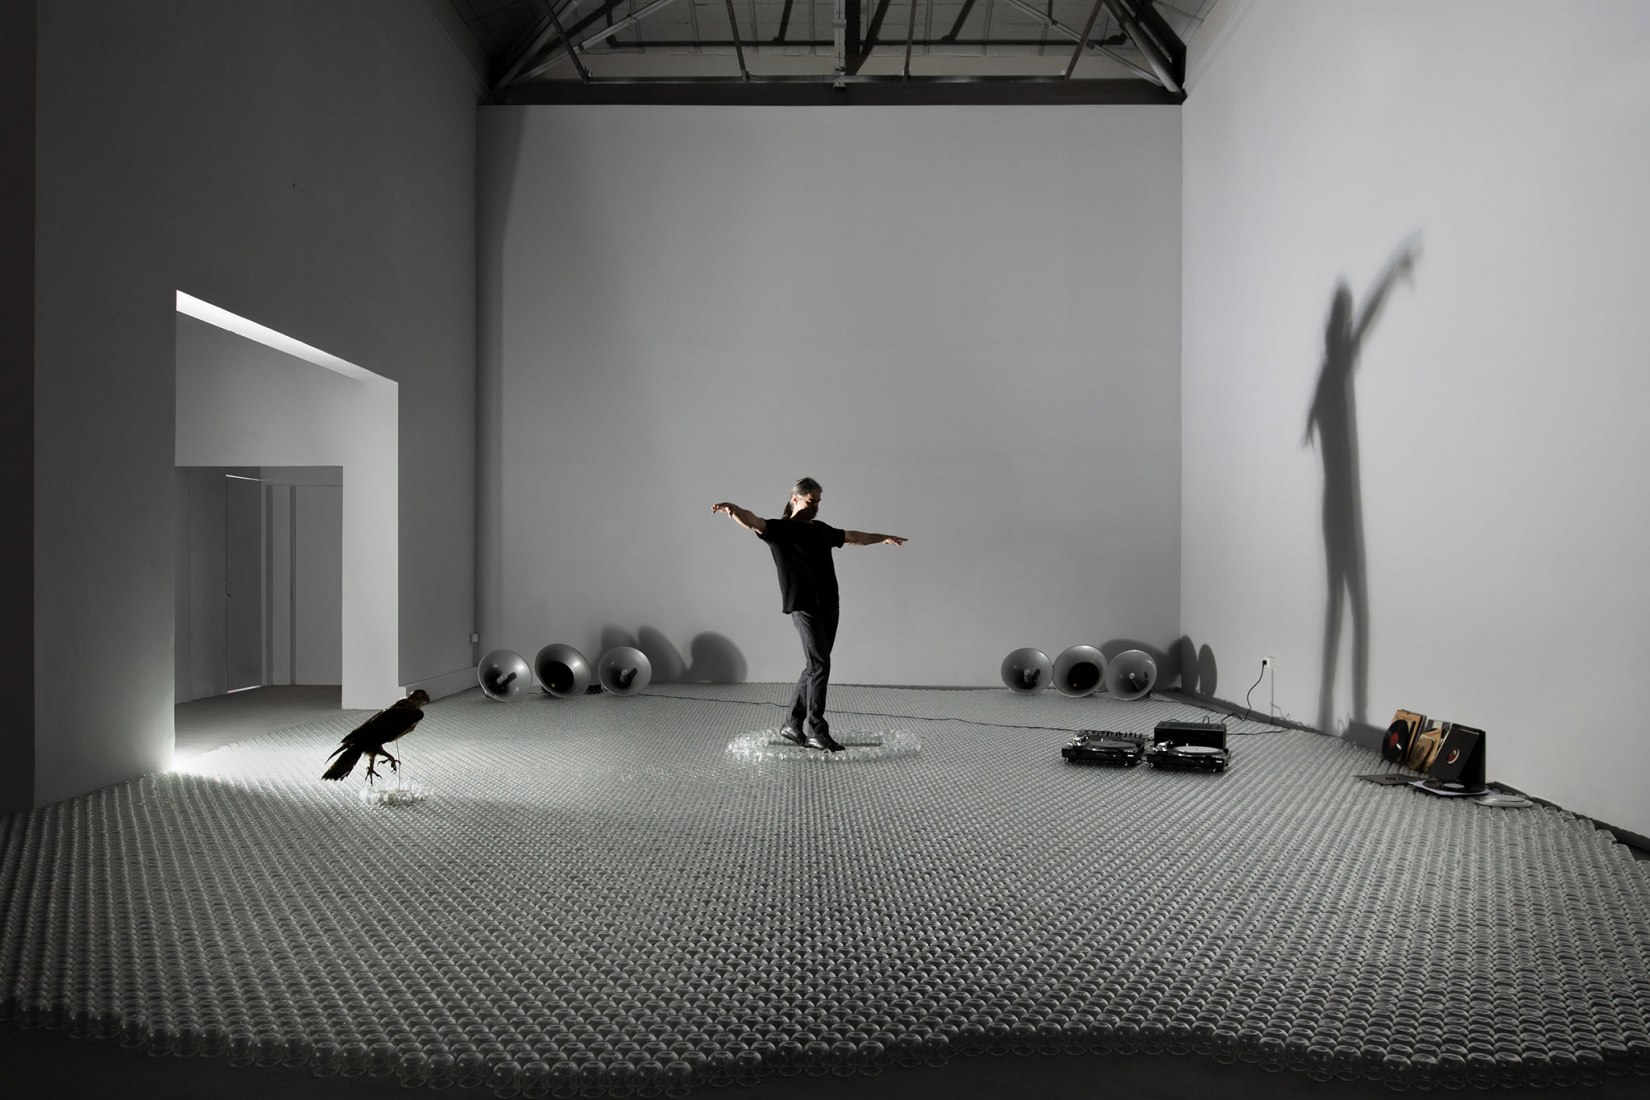 Panos Charalambous. Un águila estaba de pie, 2019. Instalación, dimensiones variables; actuación. Pabellón de Grecia en la 58ª Exposición Internacional de Arte: La Biennale di Venezia. Foto: Ugo Carmeni.